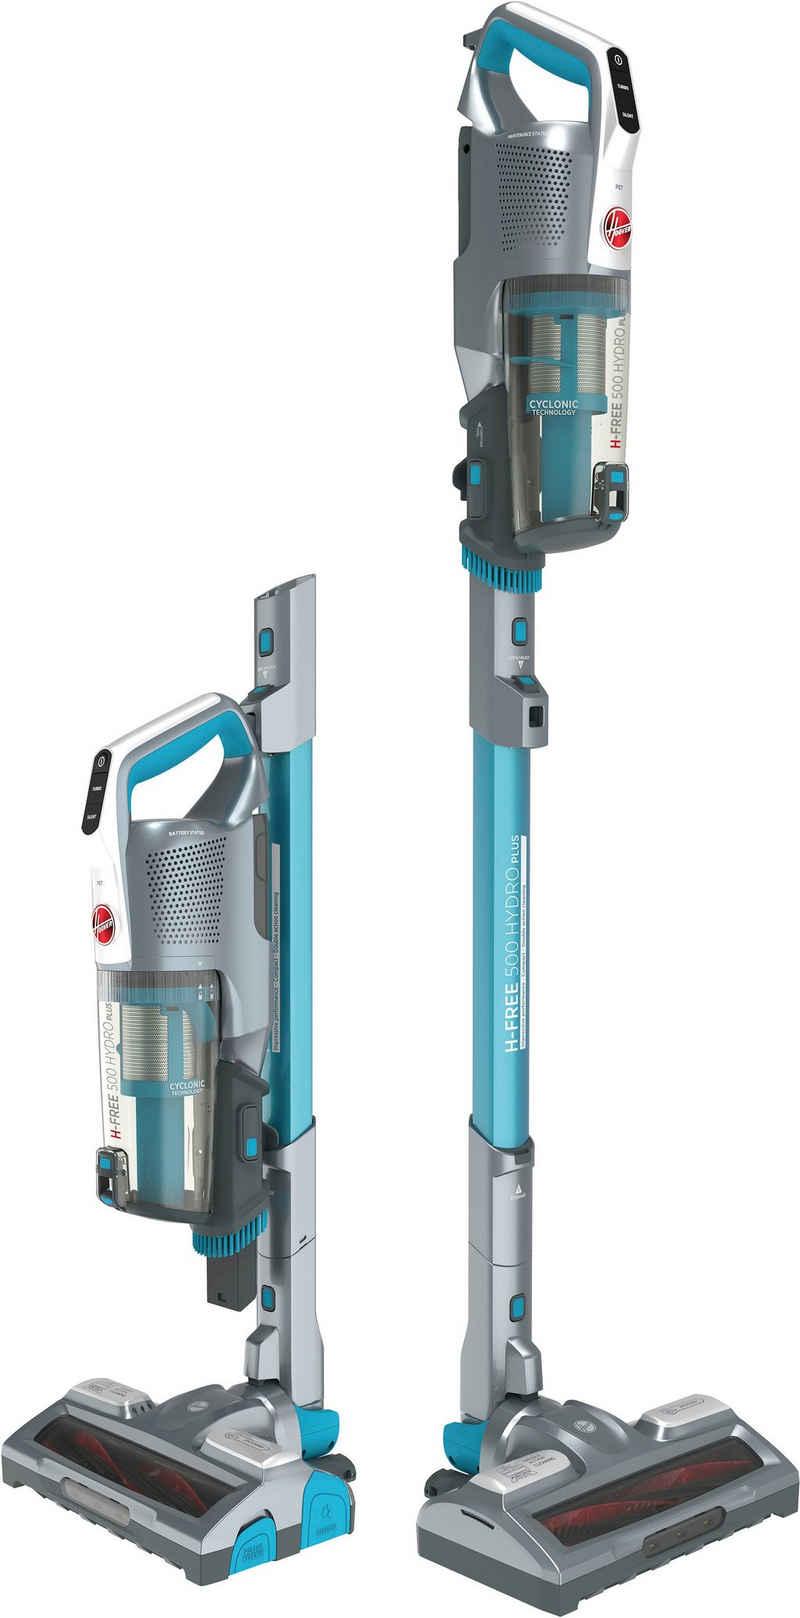 Hoover Akku-Stielstaubsauger H-FREE 500 Hydro, HF522YSP Akku-Staubsauger, 2 in 1, Saugen & Wischen, Laufzeit bis zu 45 Min., beutellos, kompakt, 2,2 Watt, beutellos, Schnellladen